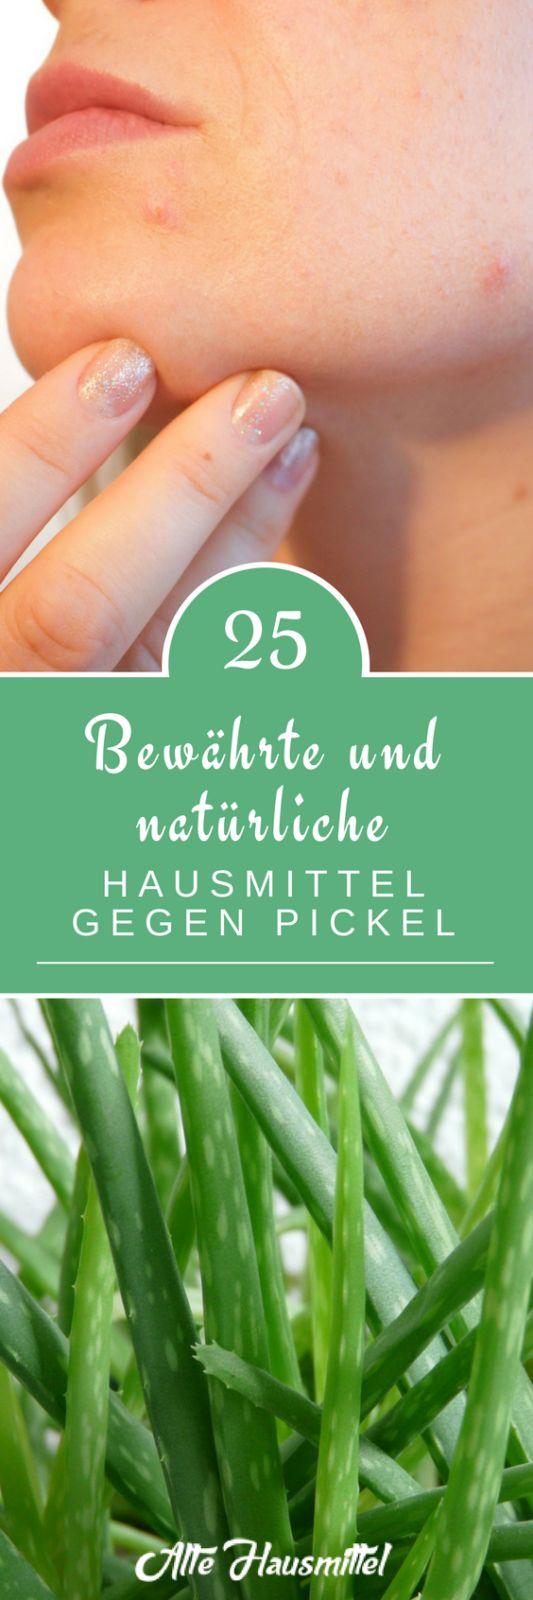 Ärgel mit Pickel und Akne? Wir schaffen Abhilfe und zeigen Dir 25 effektive Hausmittel gegen Pickel, die schonend für Haut und für deinen Geldbeutel sind!